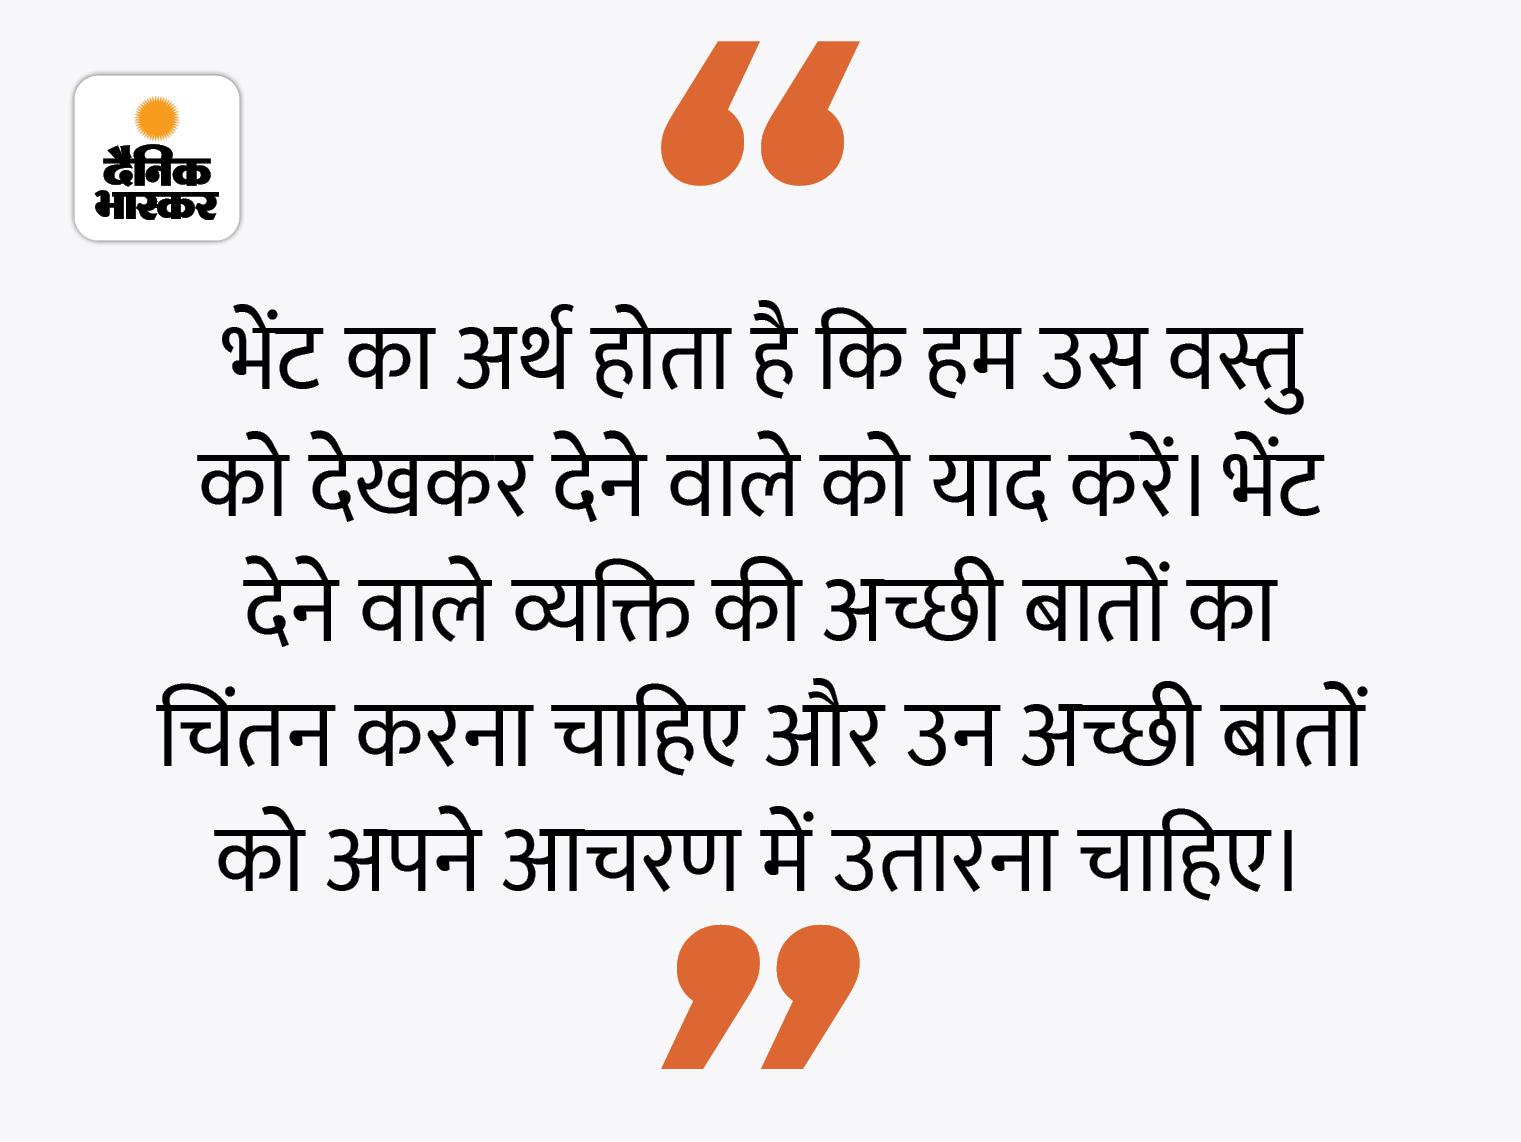 किसी के उपहार को केवल सजावट की वस्तु न समझें, उससे देने वाले व्यक्ति की भावना जुड़ी होती है|धर्म,Dharm - Dainik Bhaskar